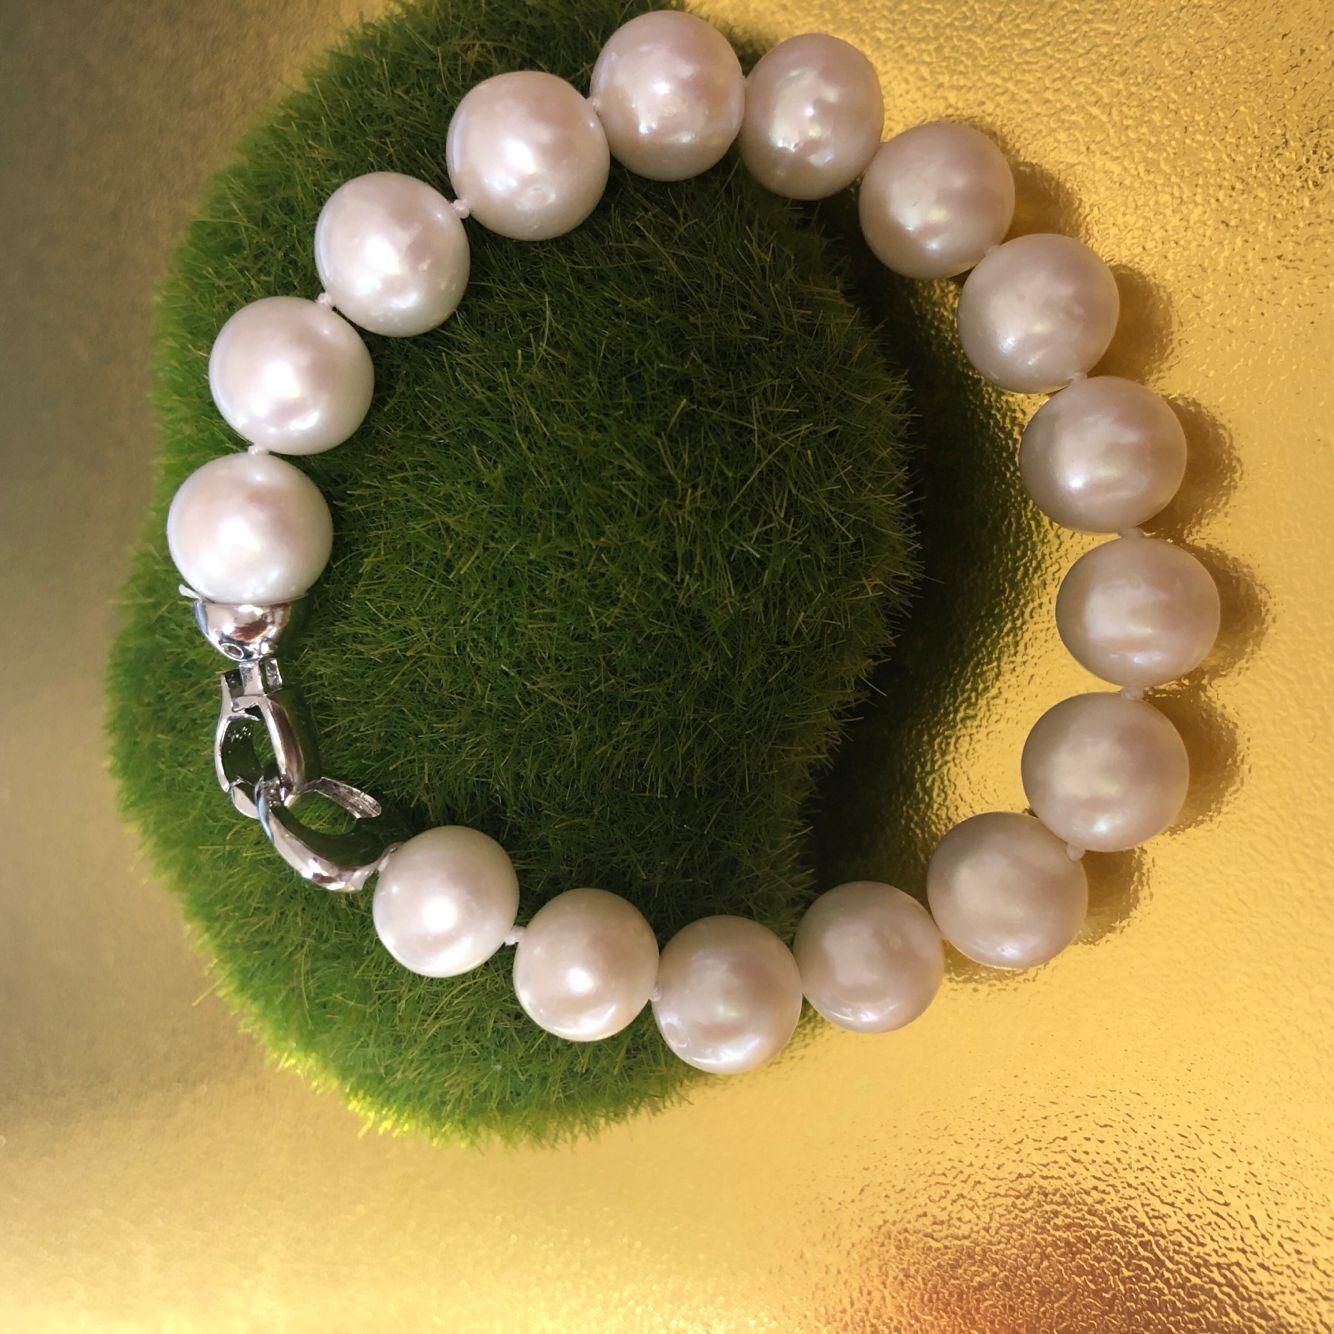 天然珍珠粉手链 11-12mm正圆极强光天然淡水珍珠正品女特价包邮